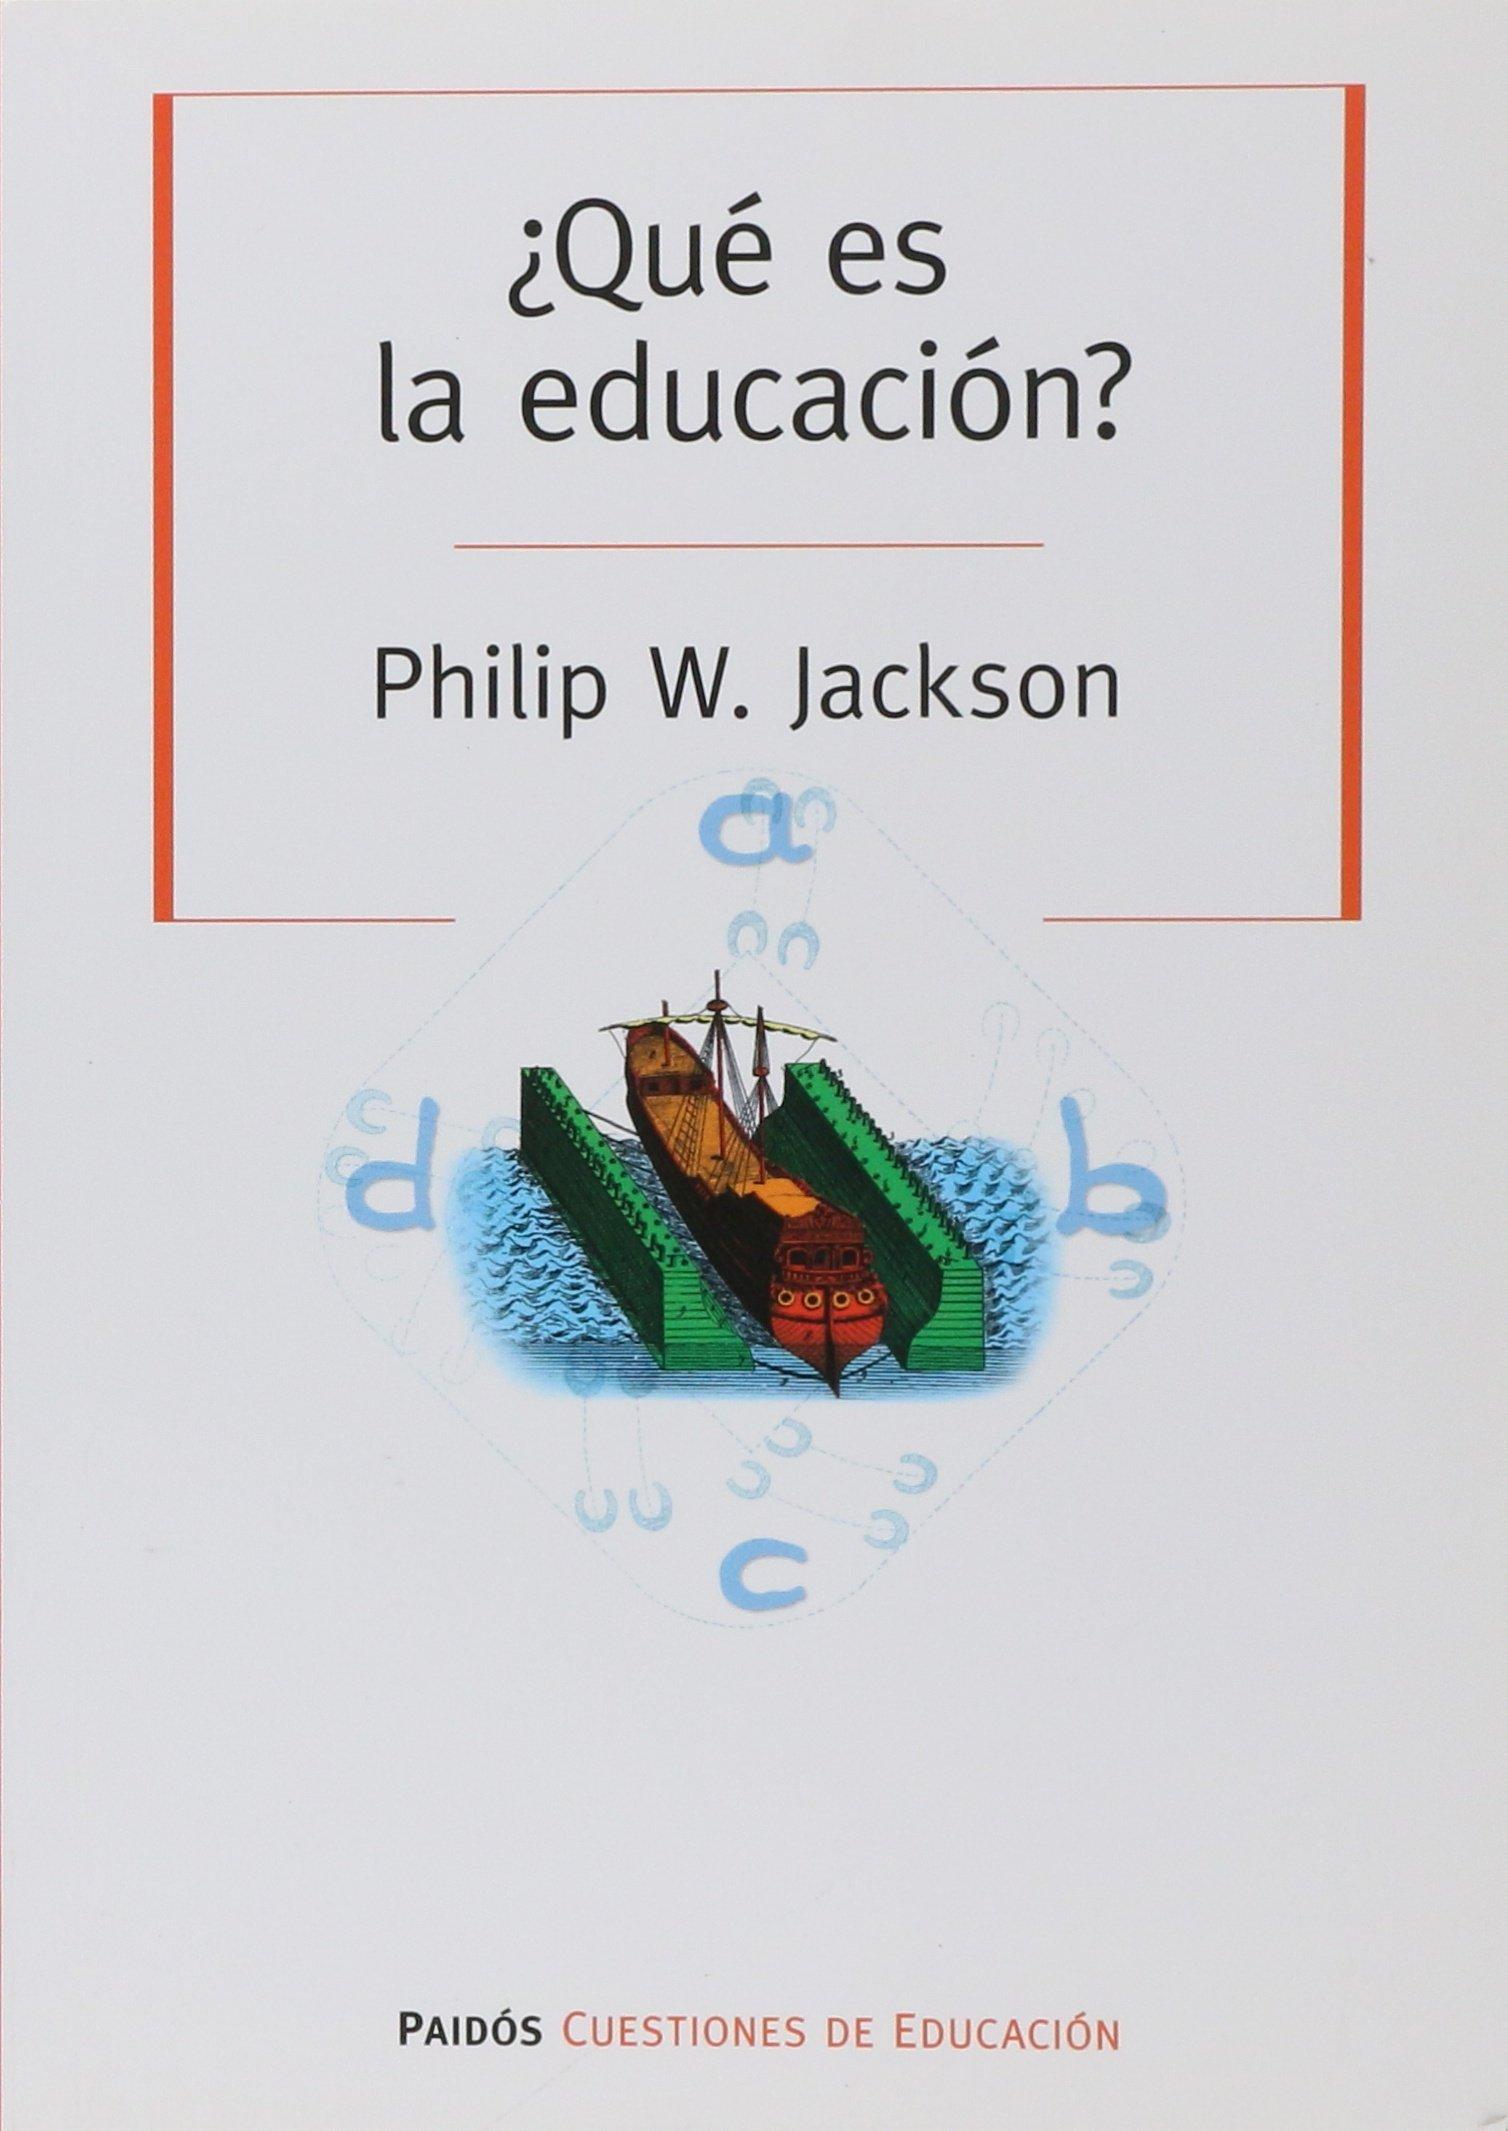 philip w jackson